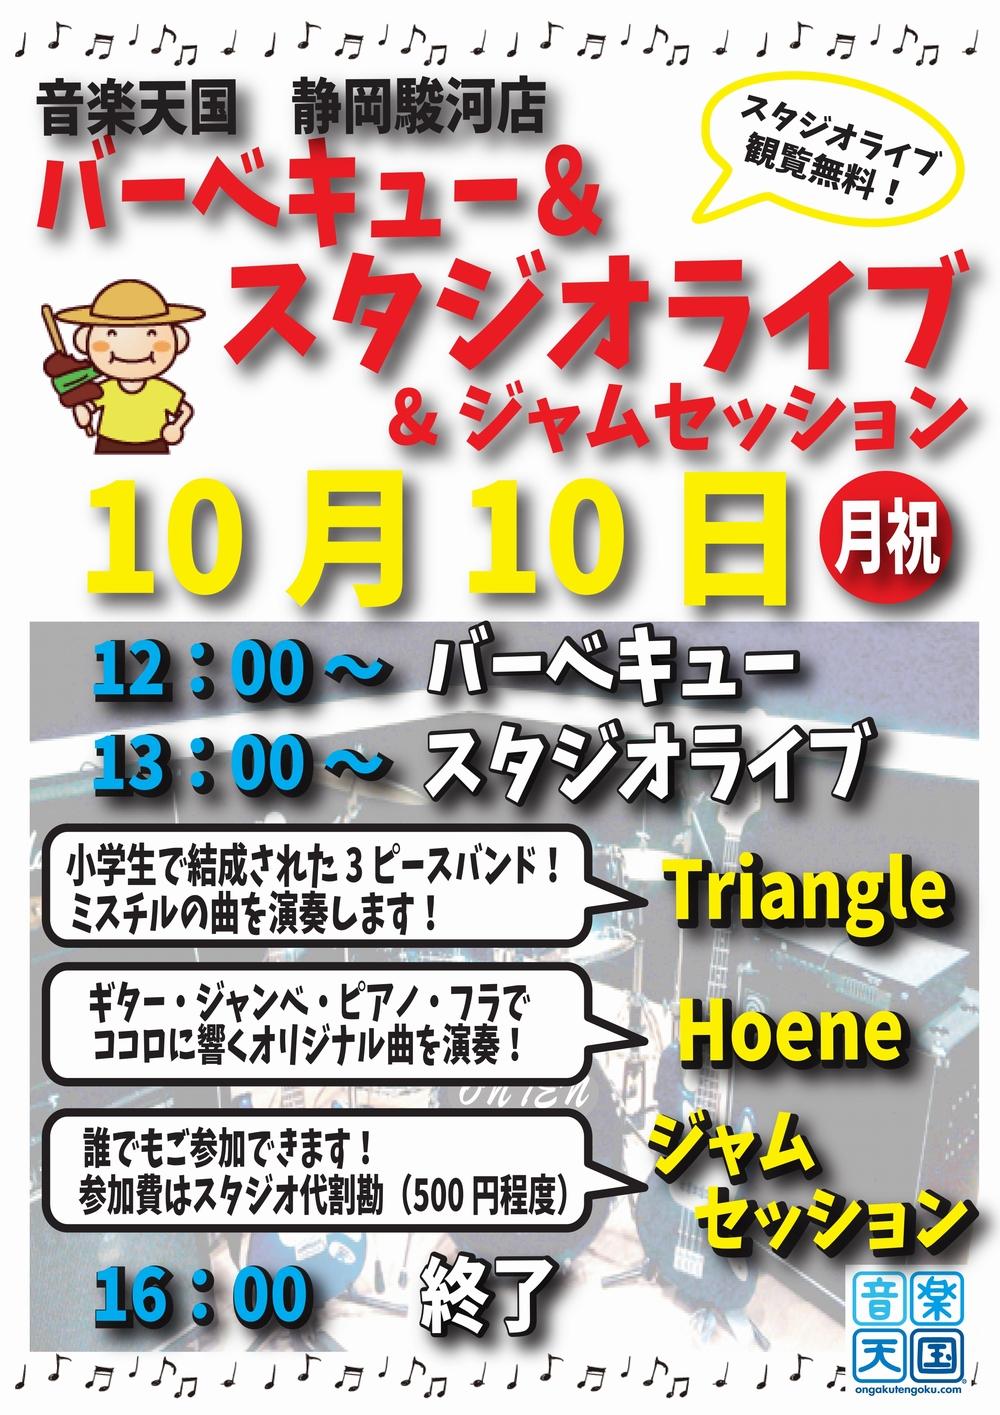 【BBQ&スタジオライブ/ジャムセッション】音楽天国・静岡駿河店10月10日(祝)開催!